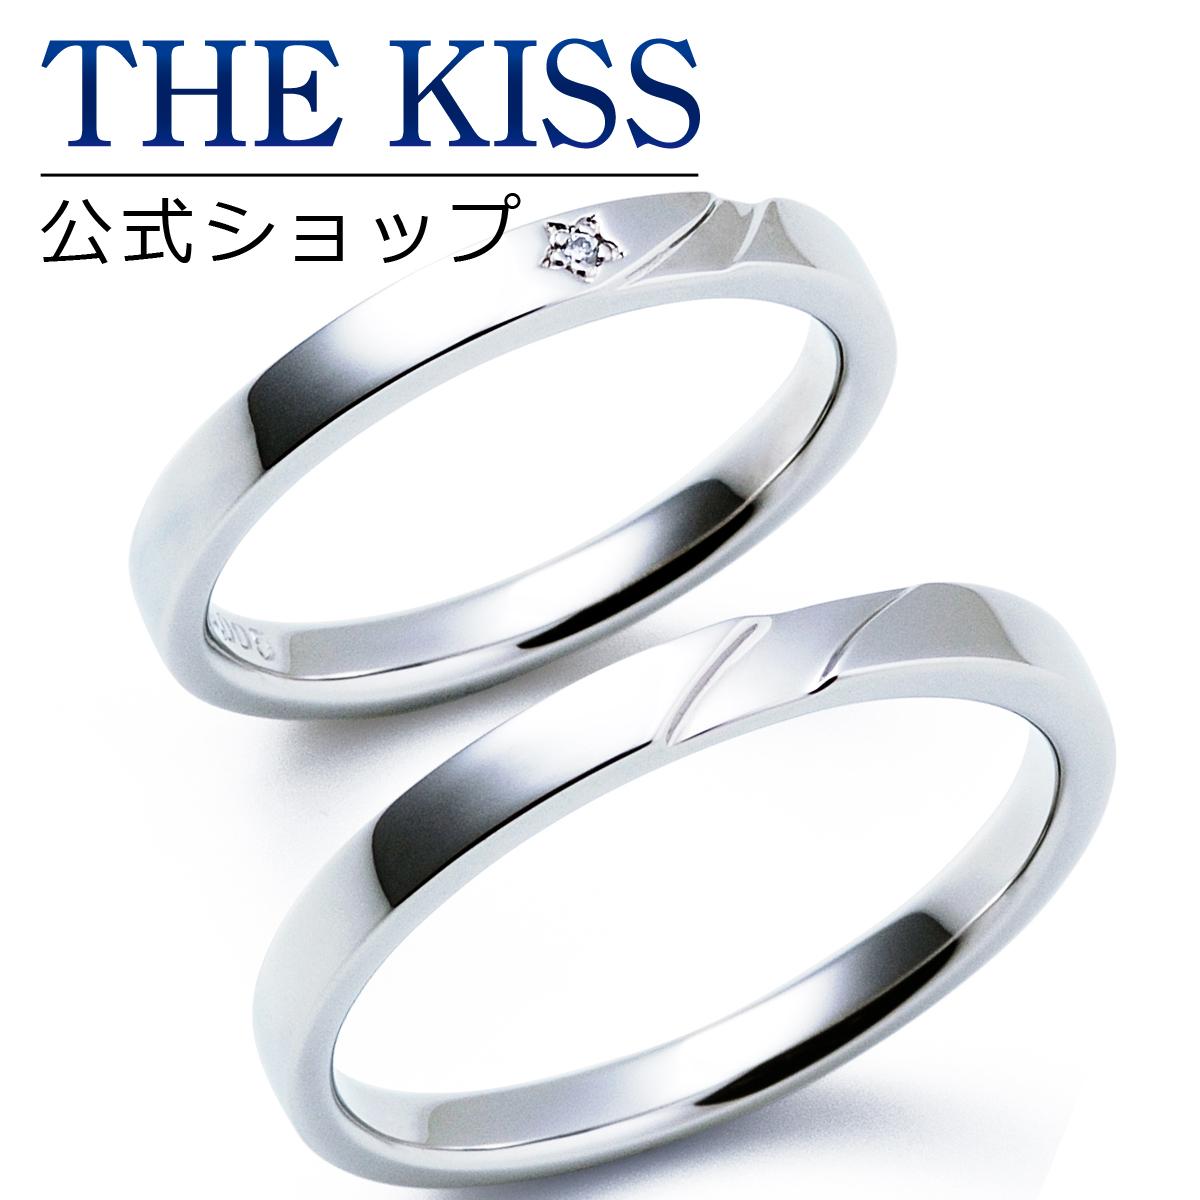 【刻印可_14文字】【THE KISS Anniversary】 プラチナ マリッジ リング 結婚指輪 ペアリング THE KISS リング・指輪 7061122111-7061122112 セット シンプル ザキス 【送料無料】